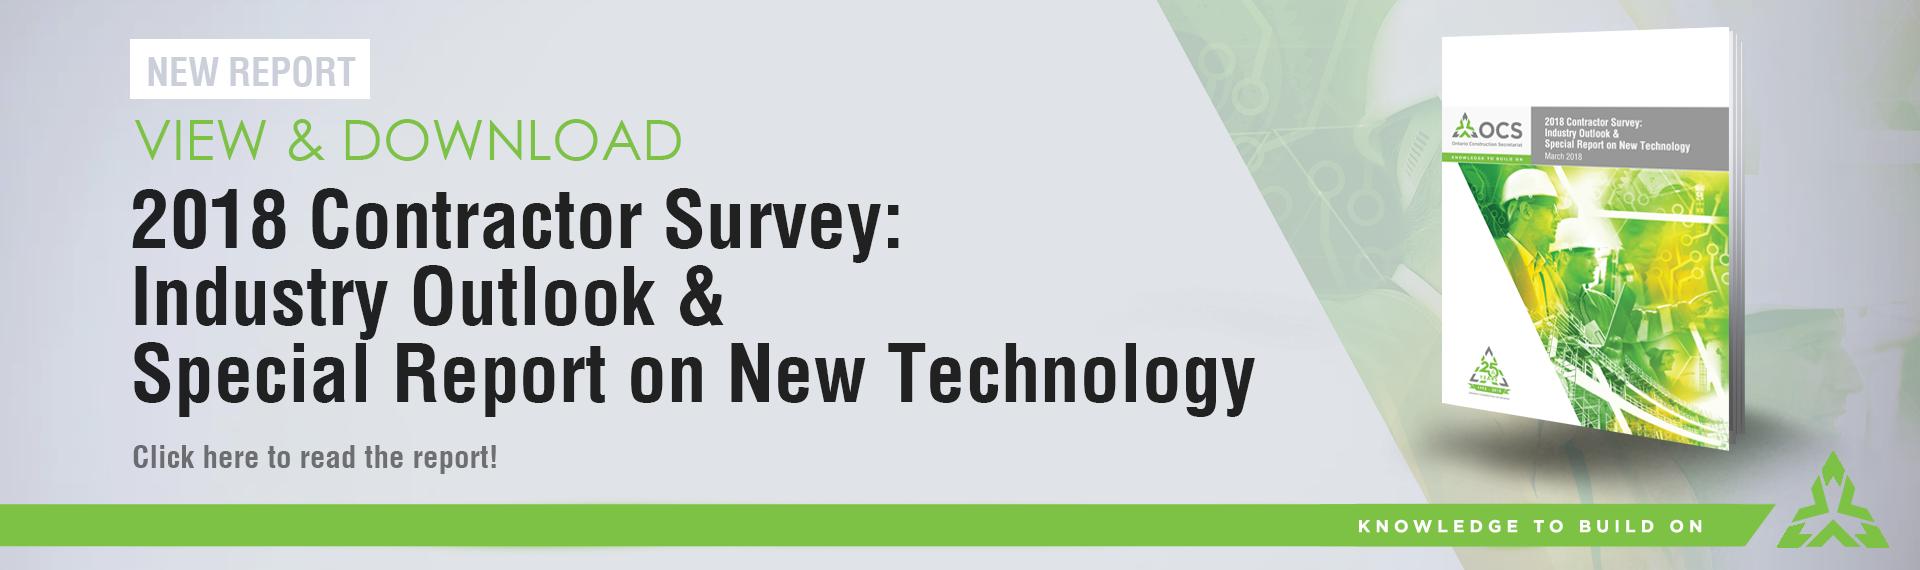 OCS_Slider1A-2018-Contractor-Survey-Mar8